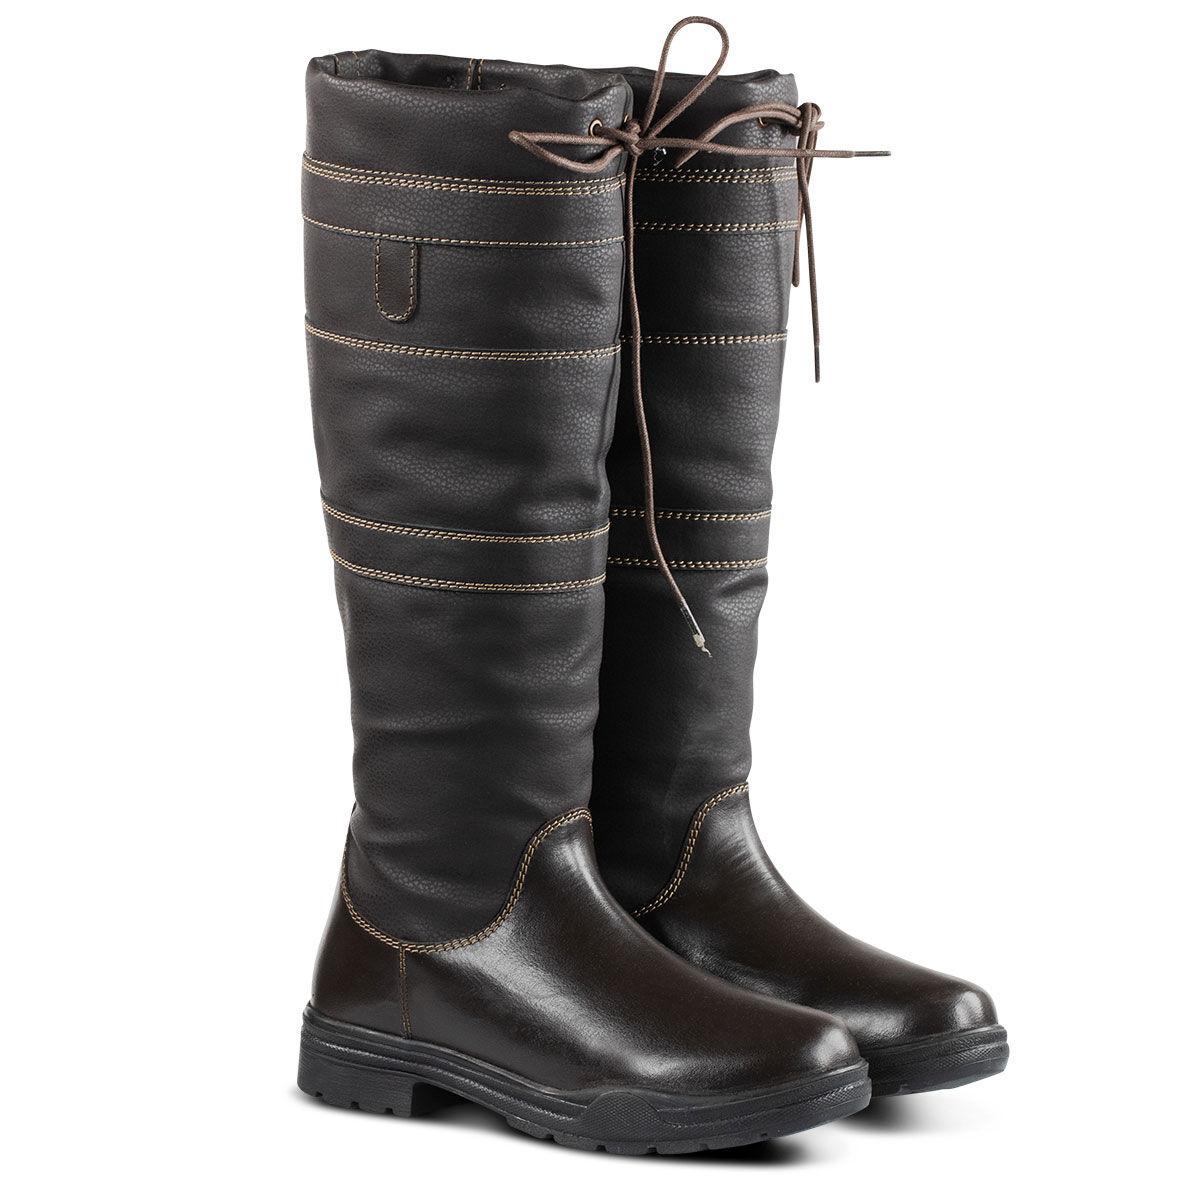 Winter Riding Boots | Horze